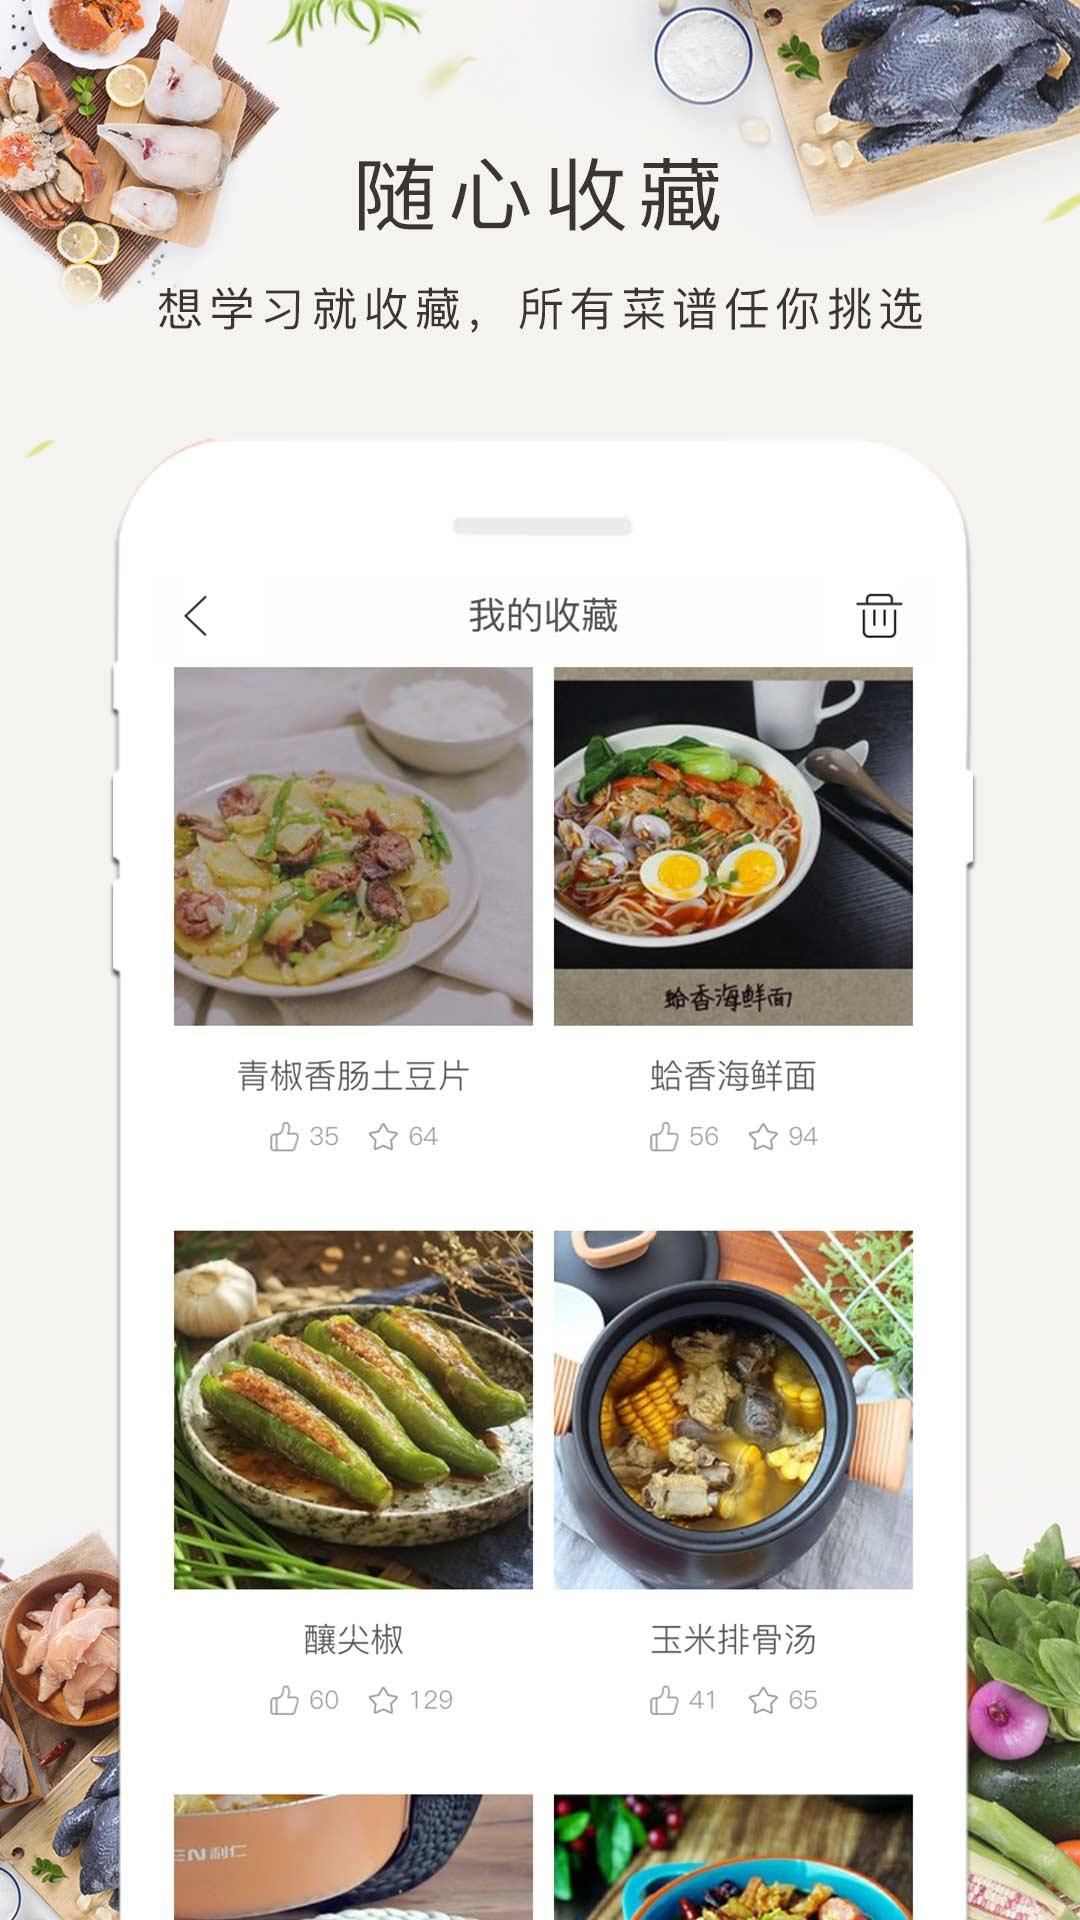 食谱大全书 V1.2.2 安卓版截图3